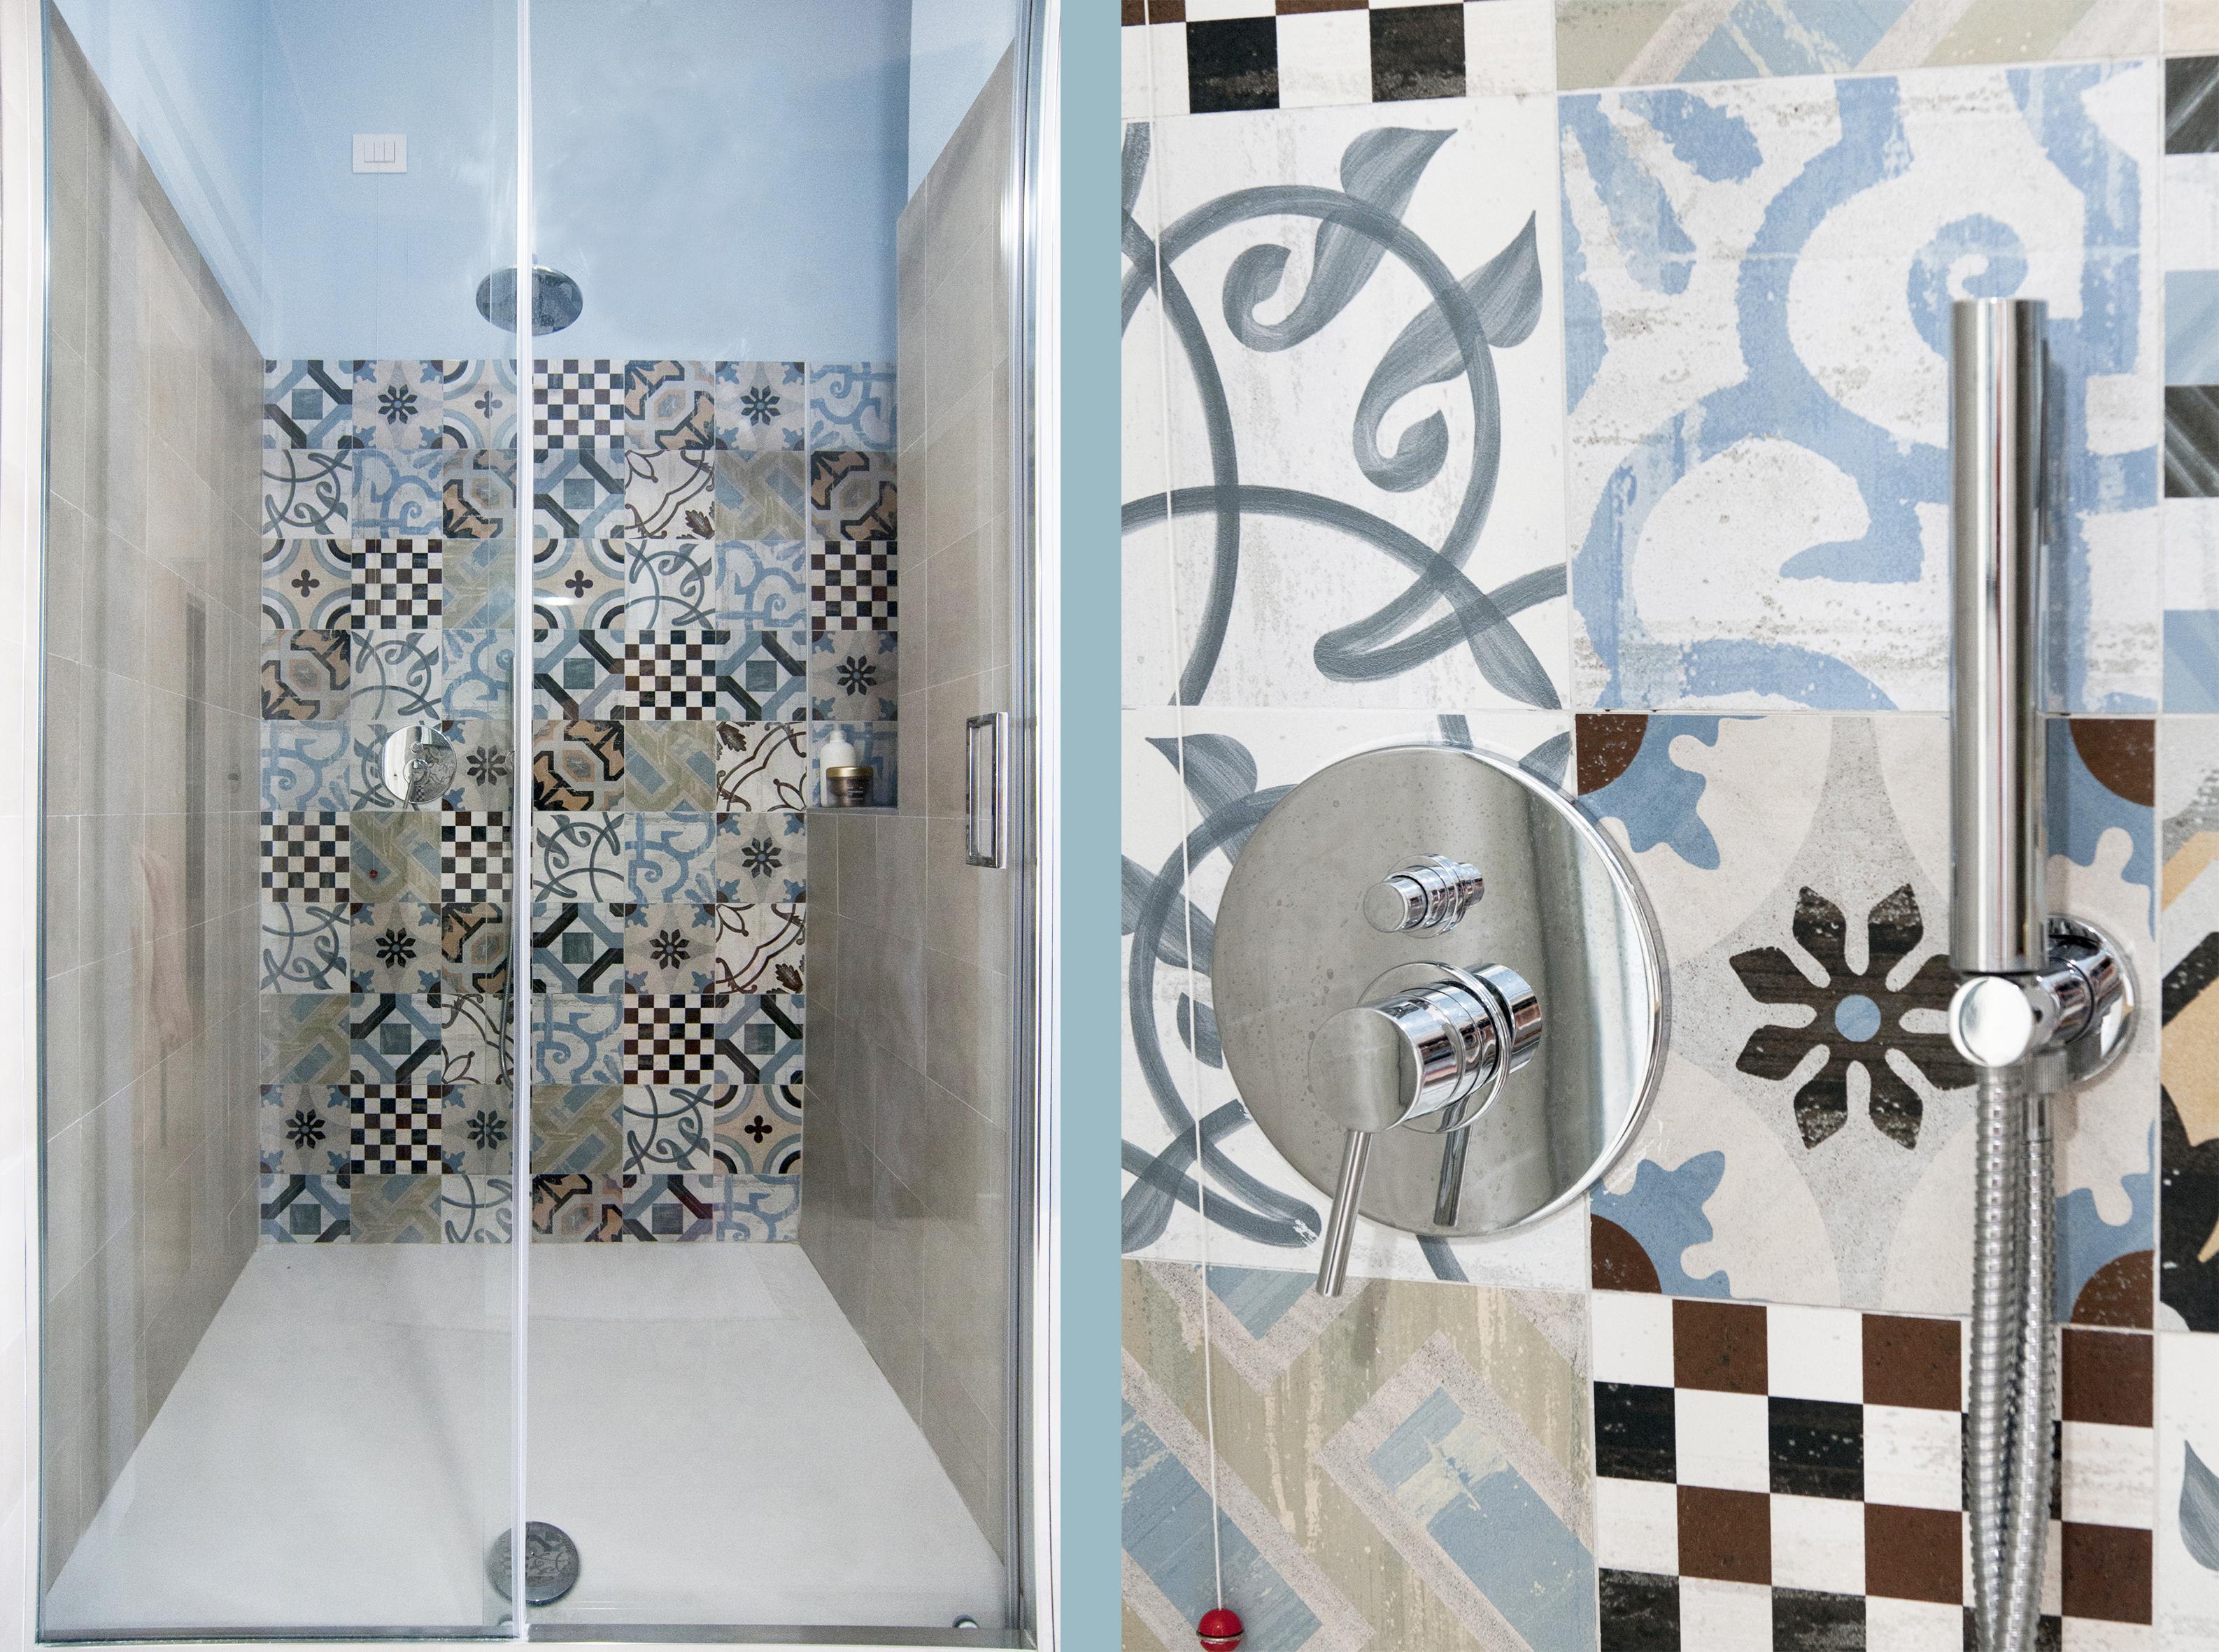 Un bagno in stile eclettico: tanti stili in un solo spazio